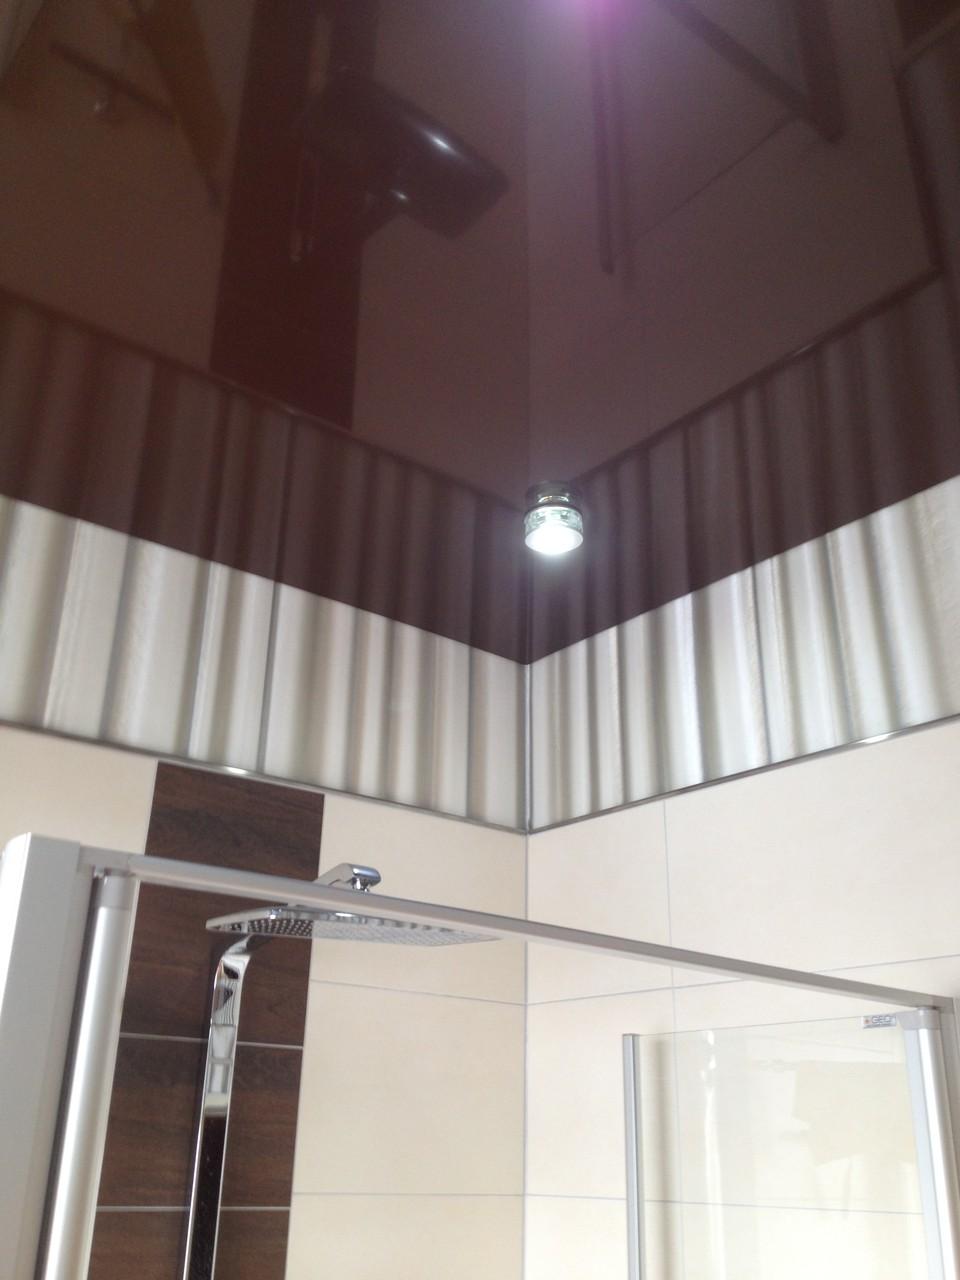 Spanndecke braun glänzend Badezimmer Holzwickede